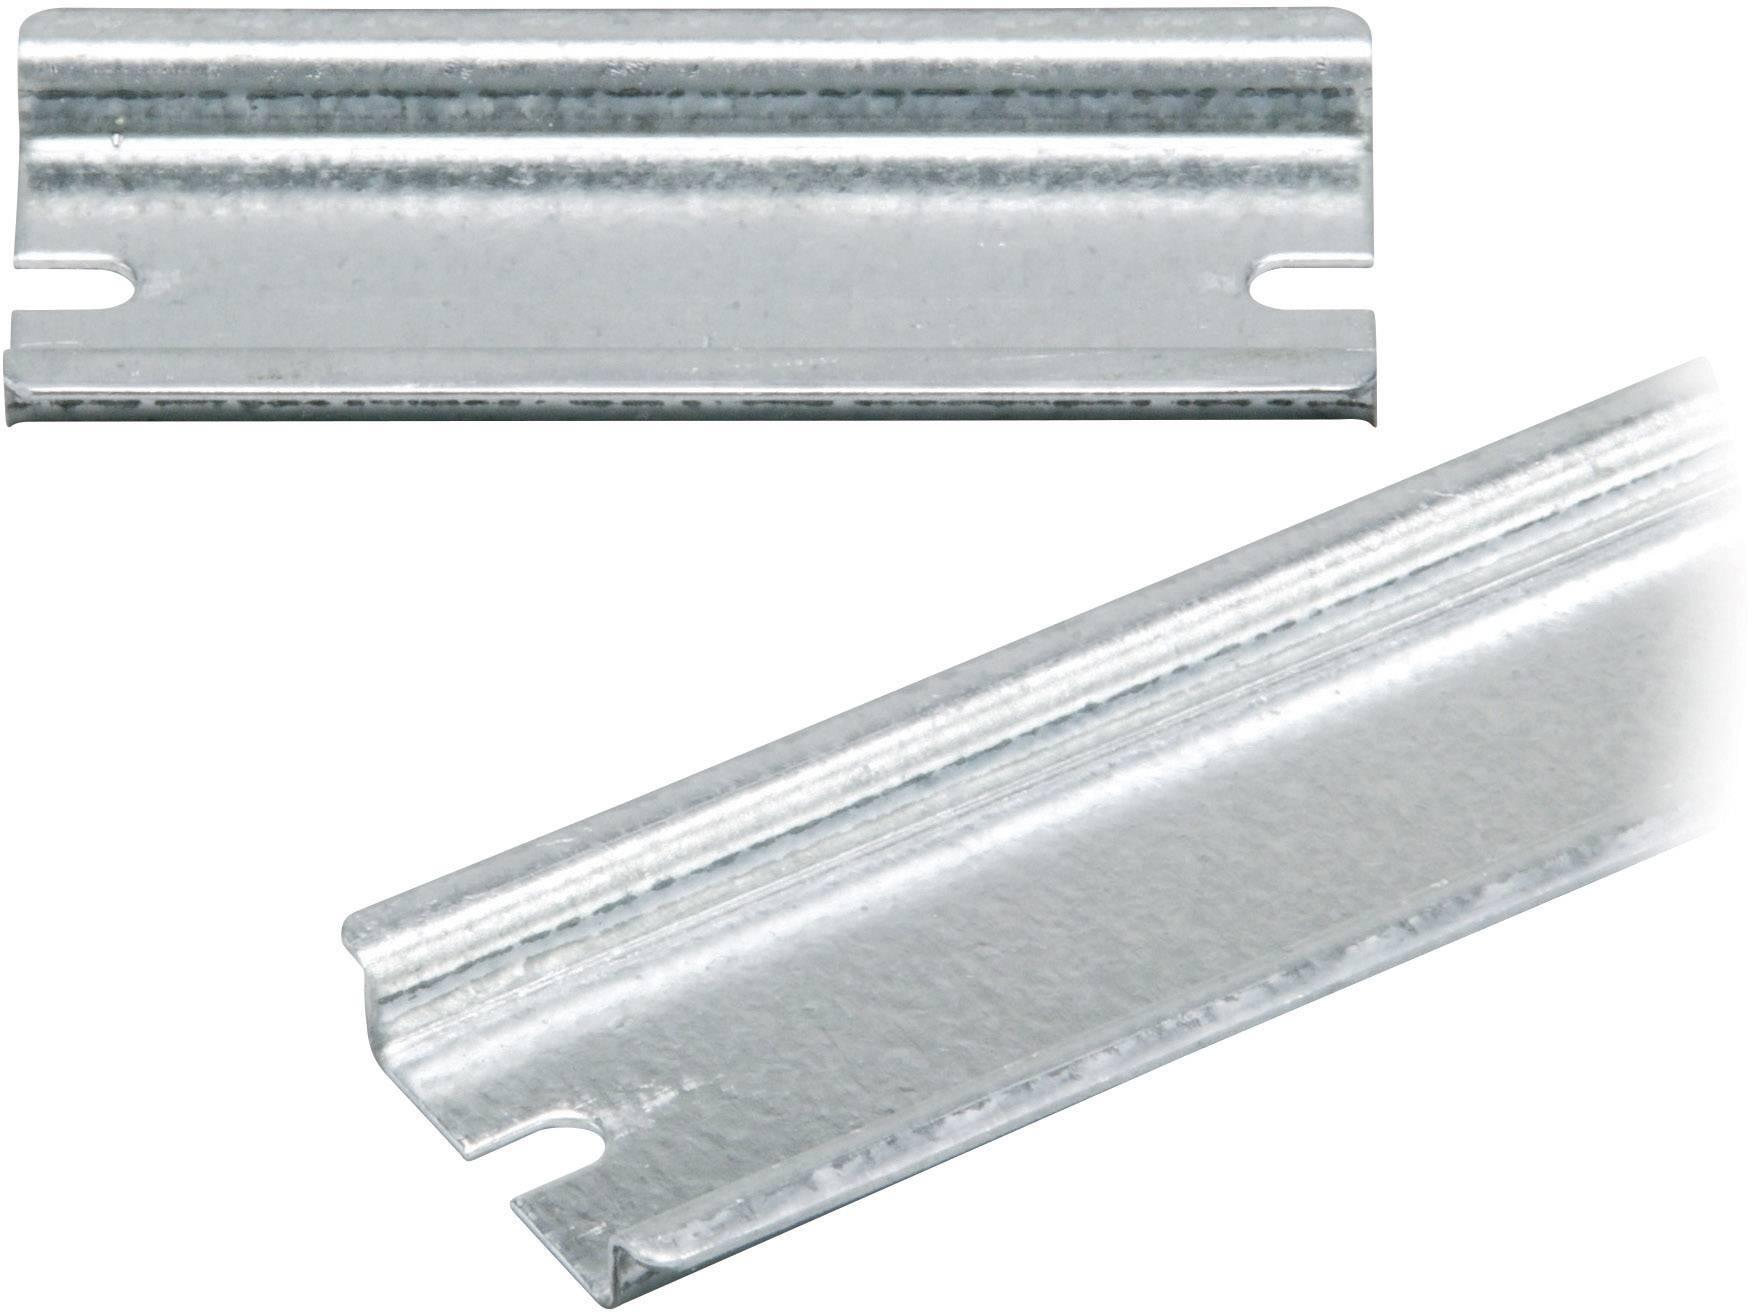 Koľajnica Fibox EK EKV 22, 235 mm, oceľový plech, 1 ks